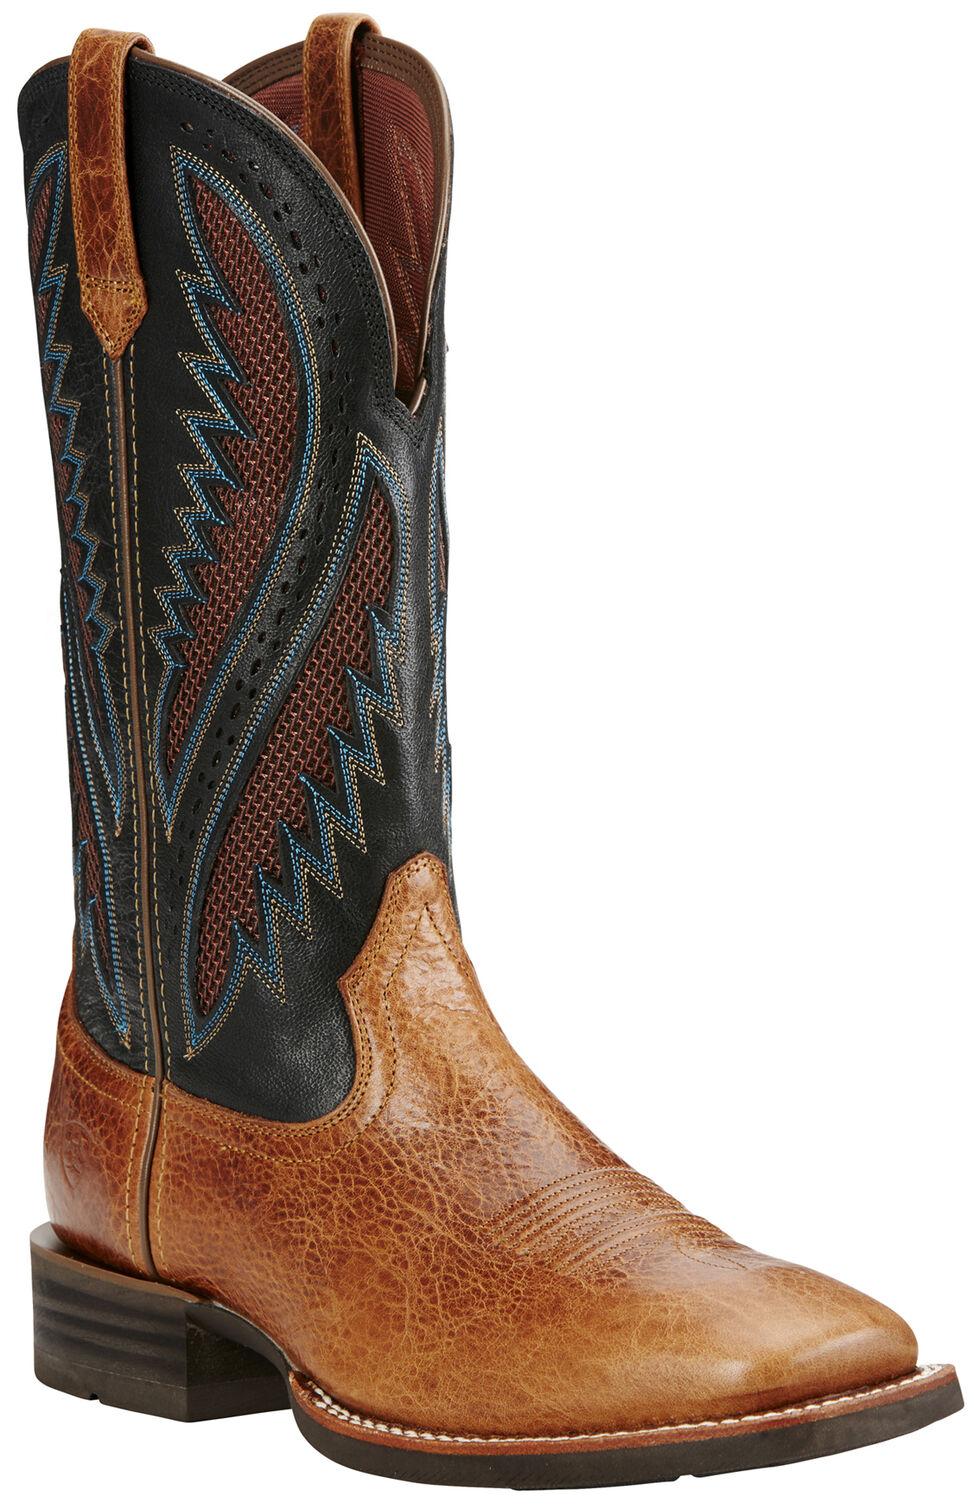 Ariat Men's Quickdraw Venttek™ Boots - Wide Square Toe, Tan, hi-res